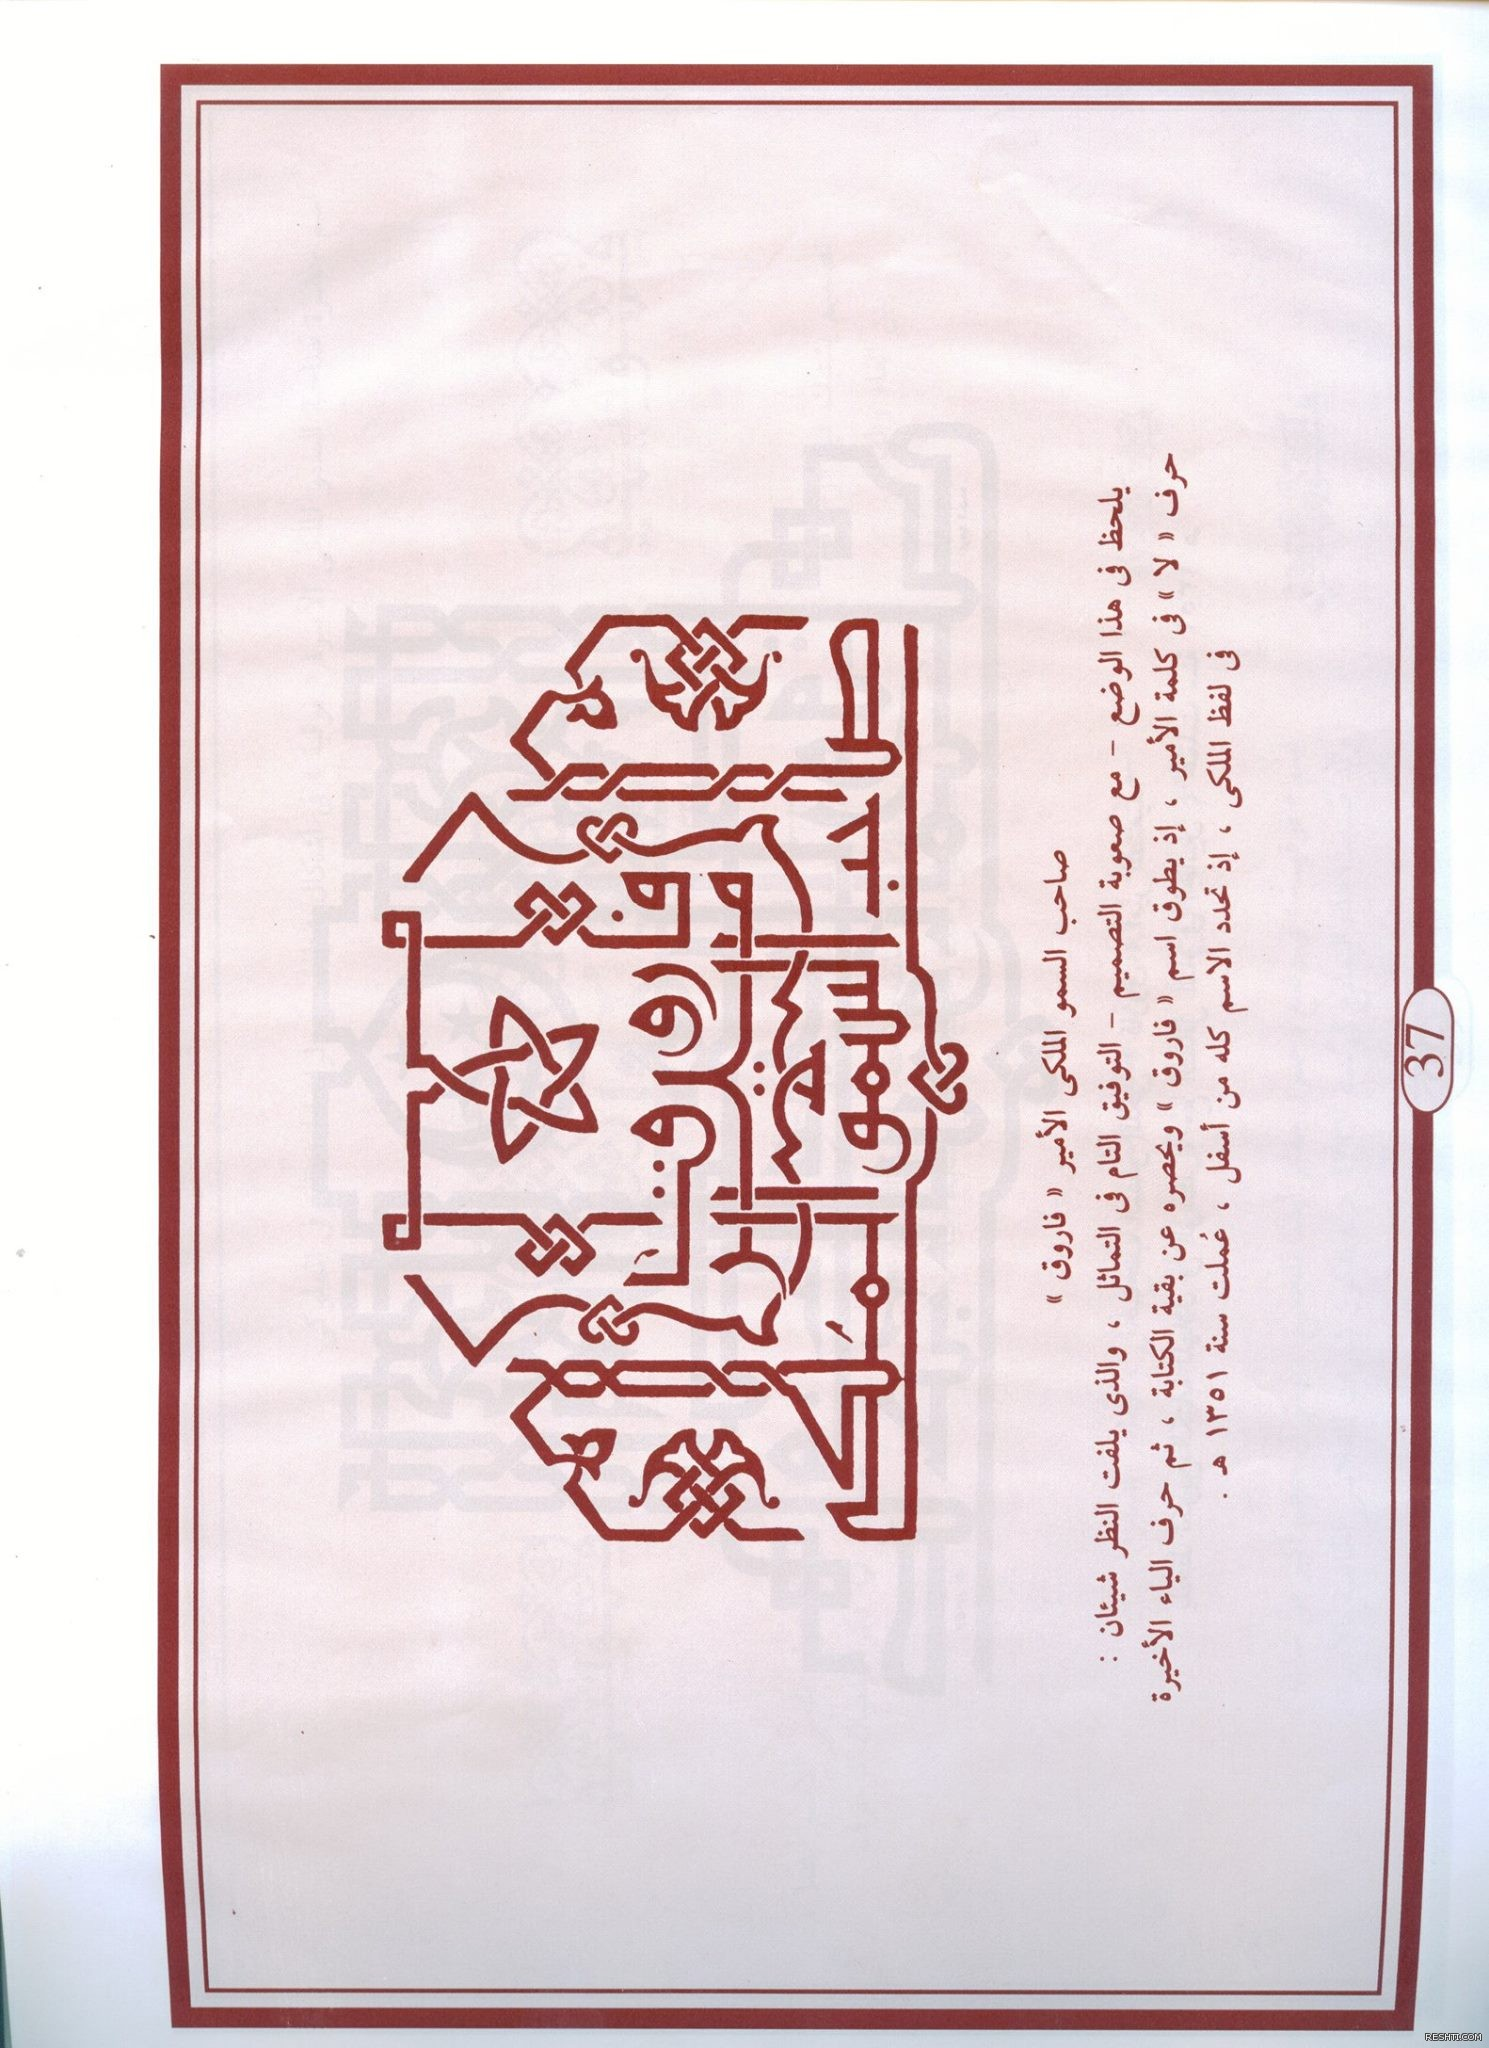 كتاب الخط الكوفى - يوسف احمد